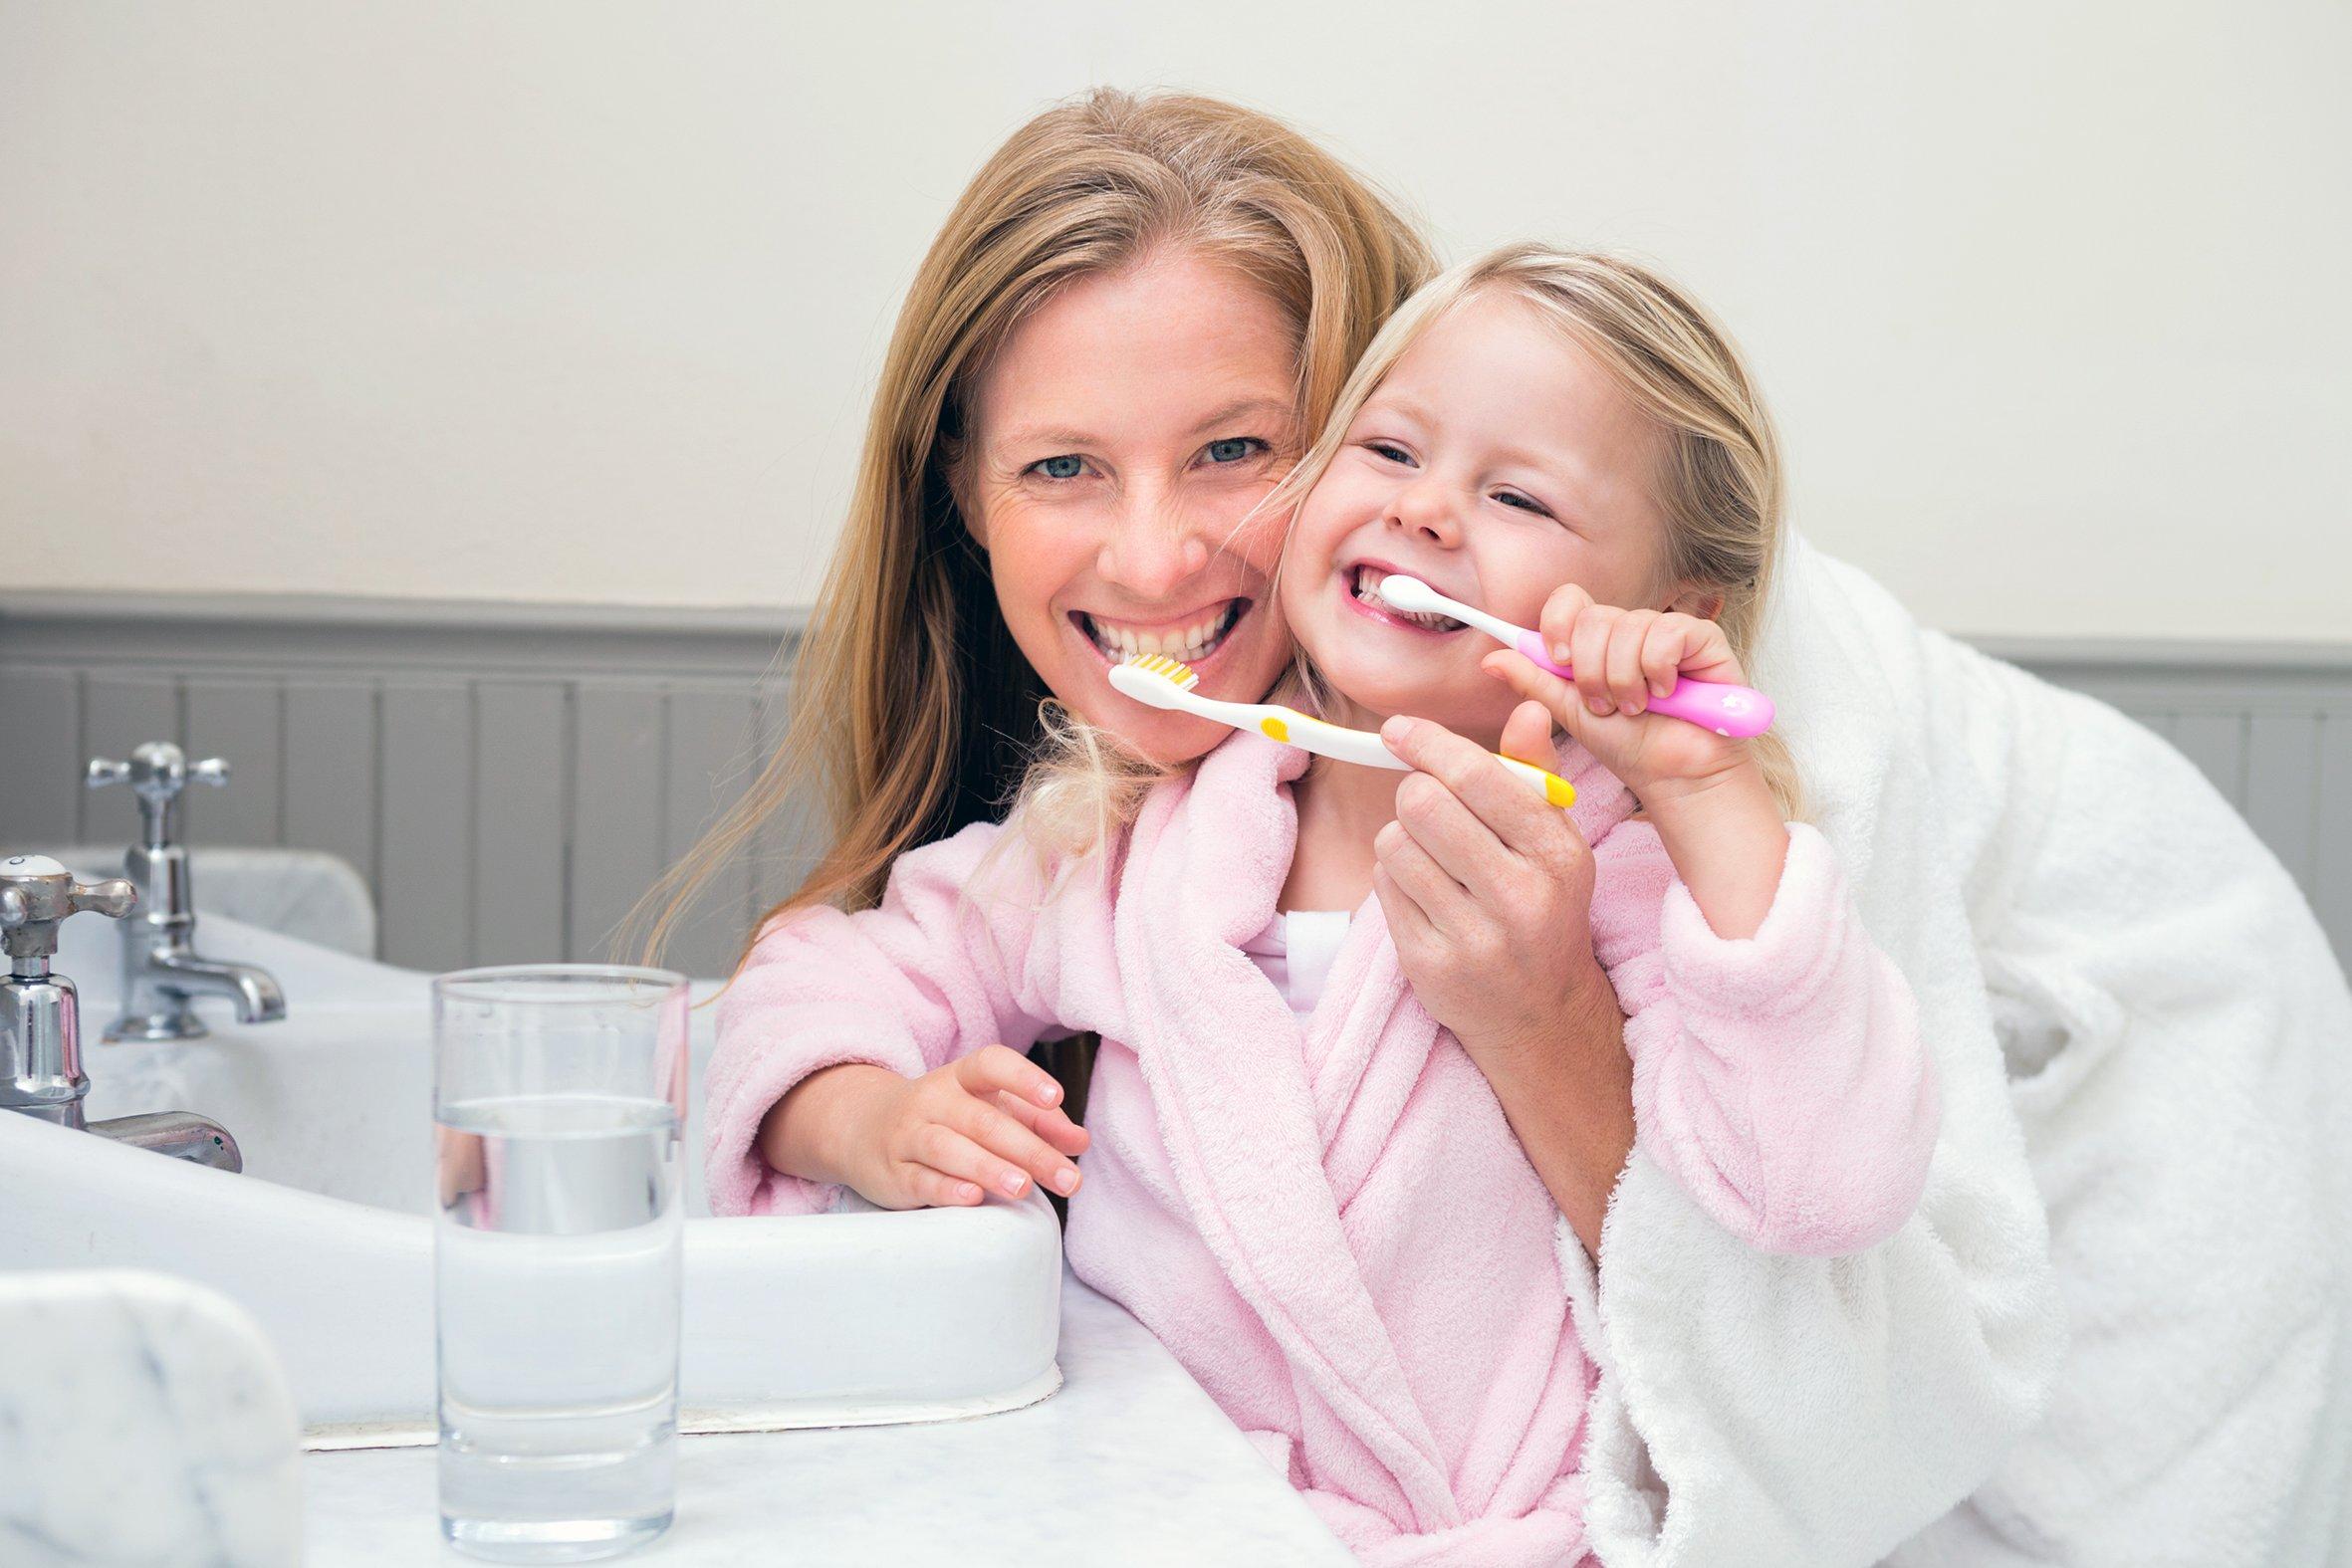 madre e hija cepillándose los dientes - unidad de periodoncia Las Palmas